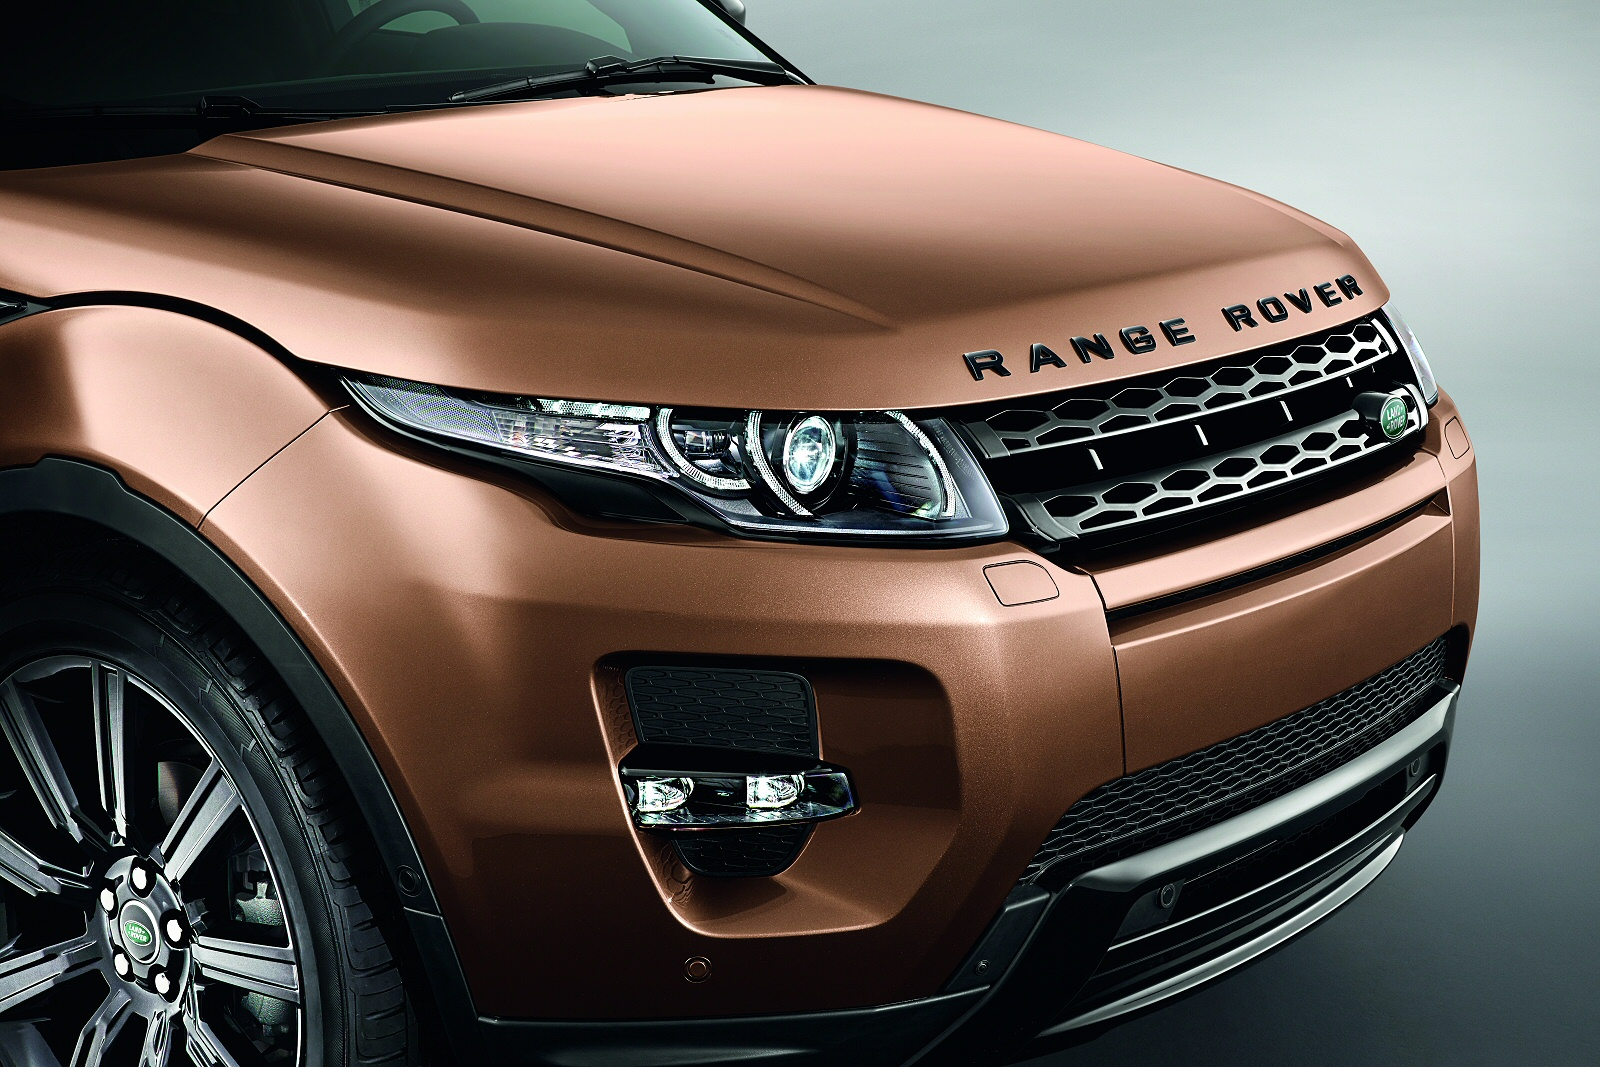 New Land Rover Range Rover Evoque 2.0 Td4 Se 5Dr Diesel Hatchback for Sale | Farnell Land Rover